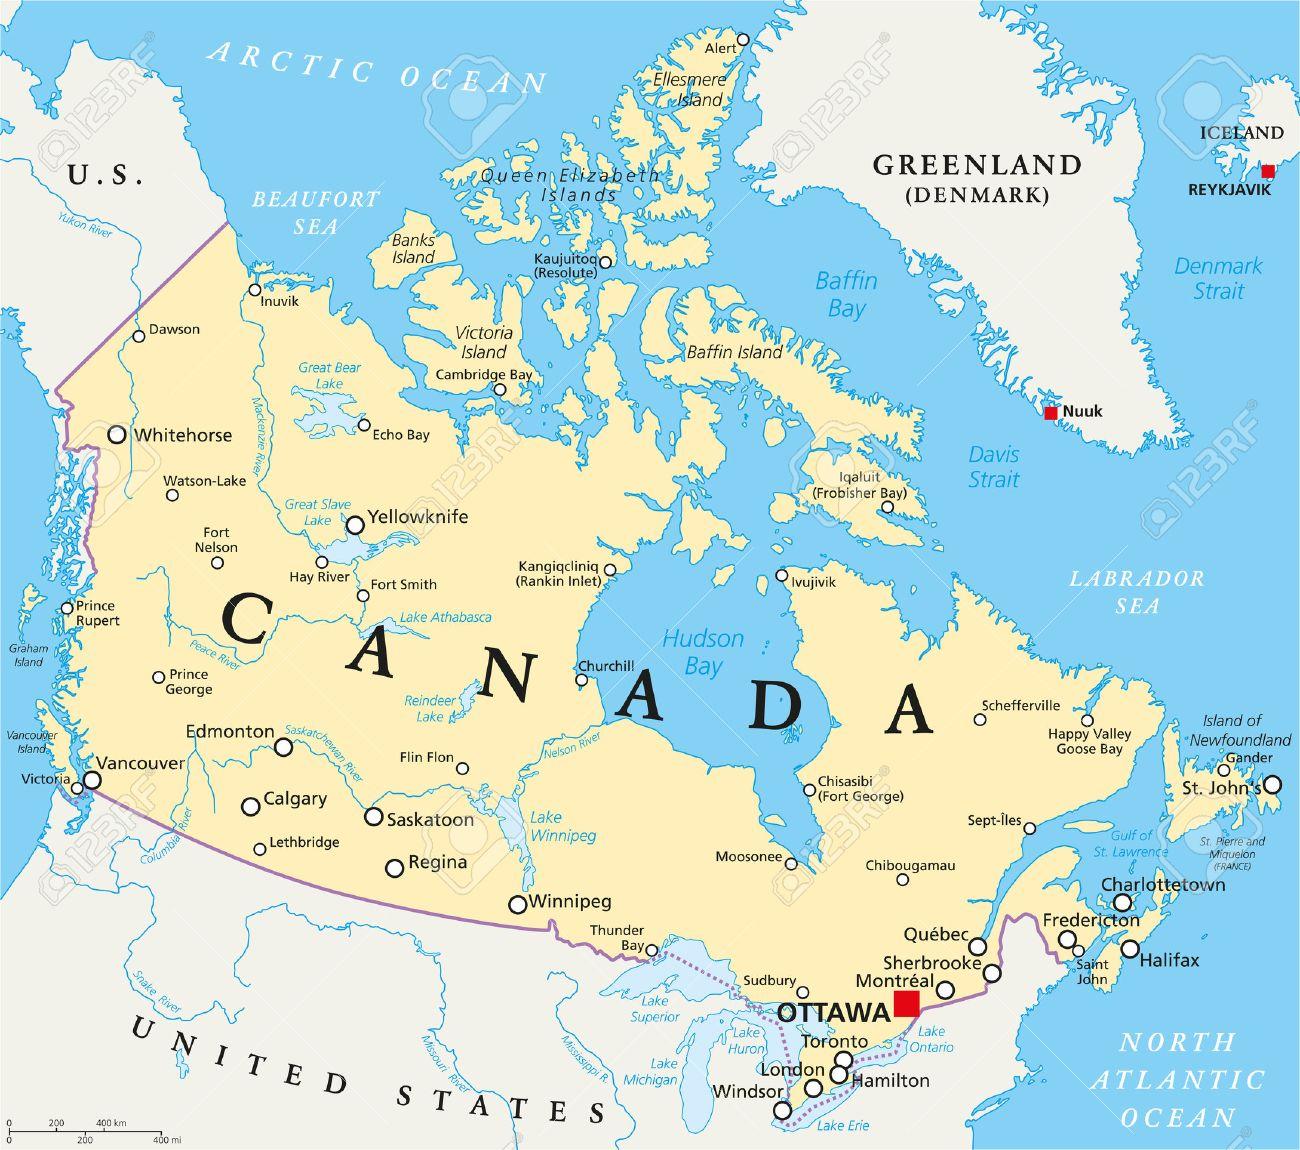 Mapa De Canada Imágenes De Archivo Vectores Mapa De Canada Fotos - Canada mapa